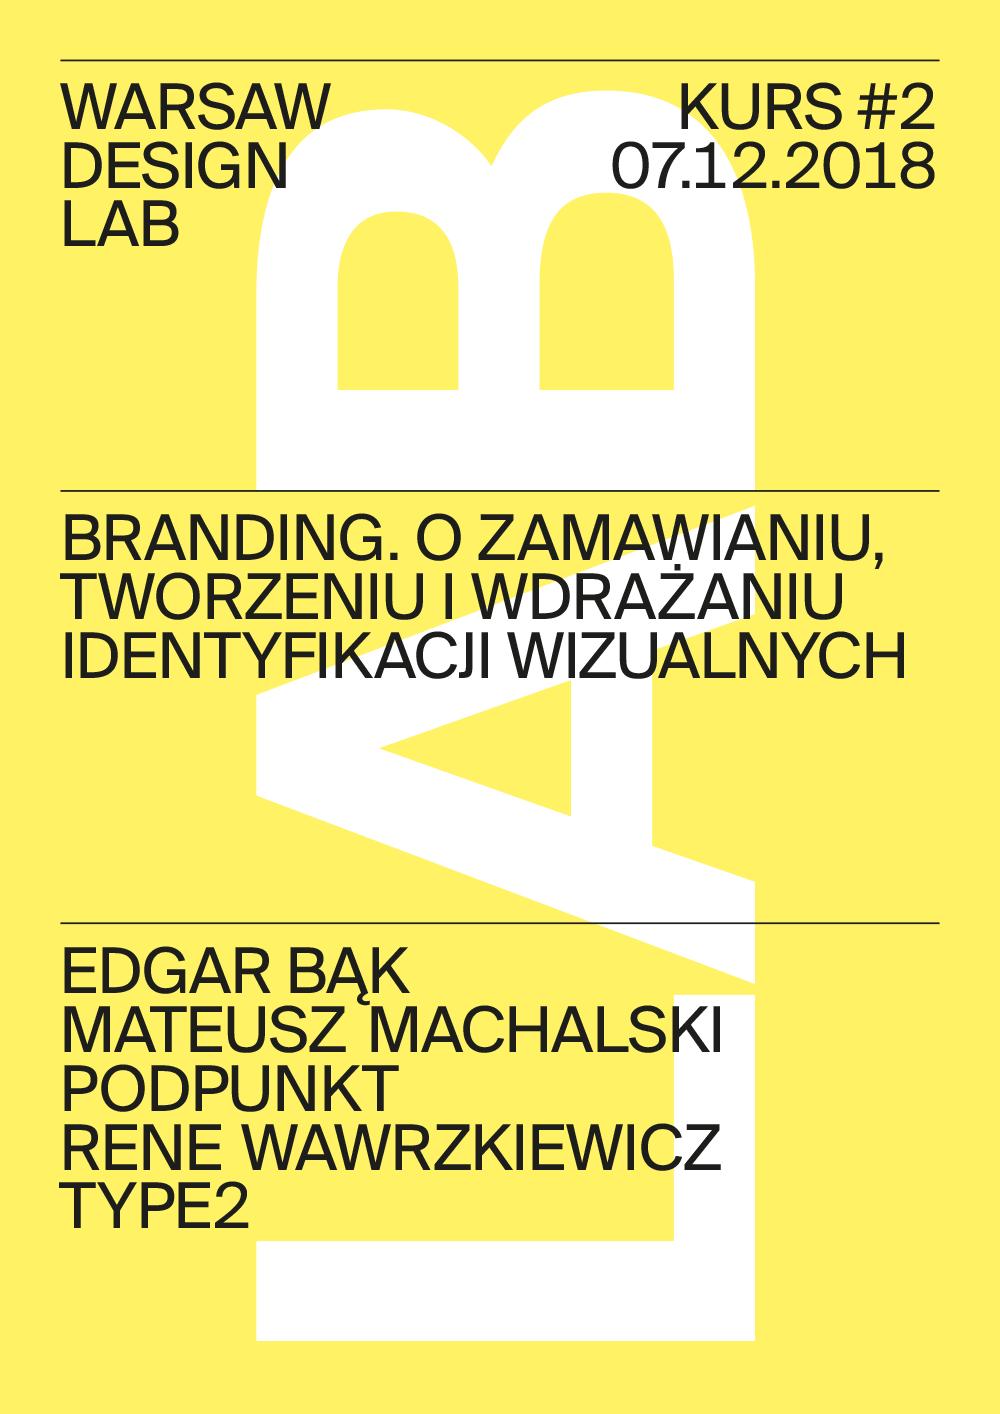 Warsaw Design Lab - Kurs